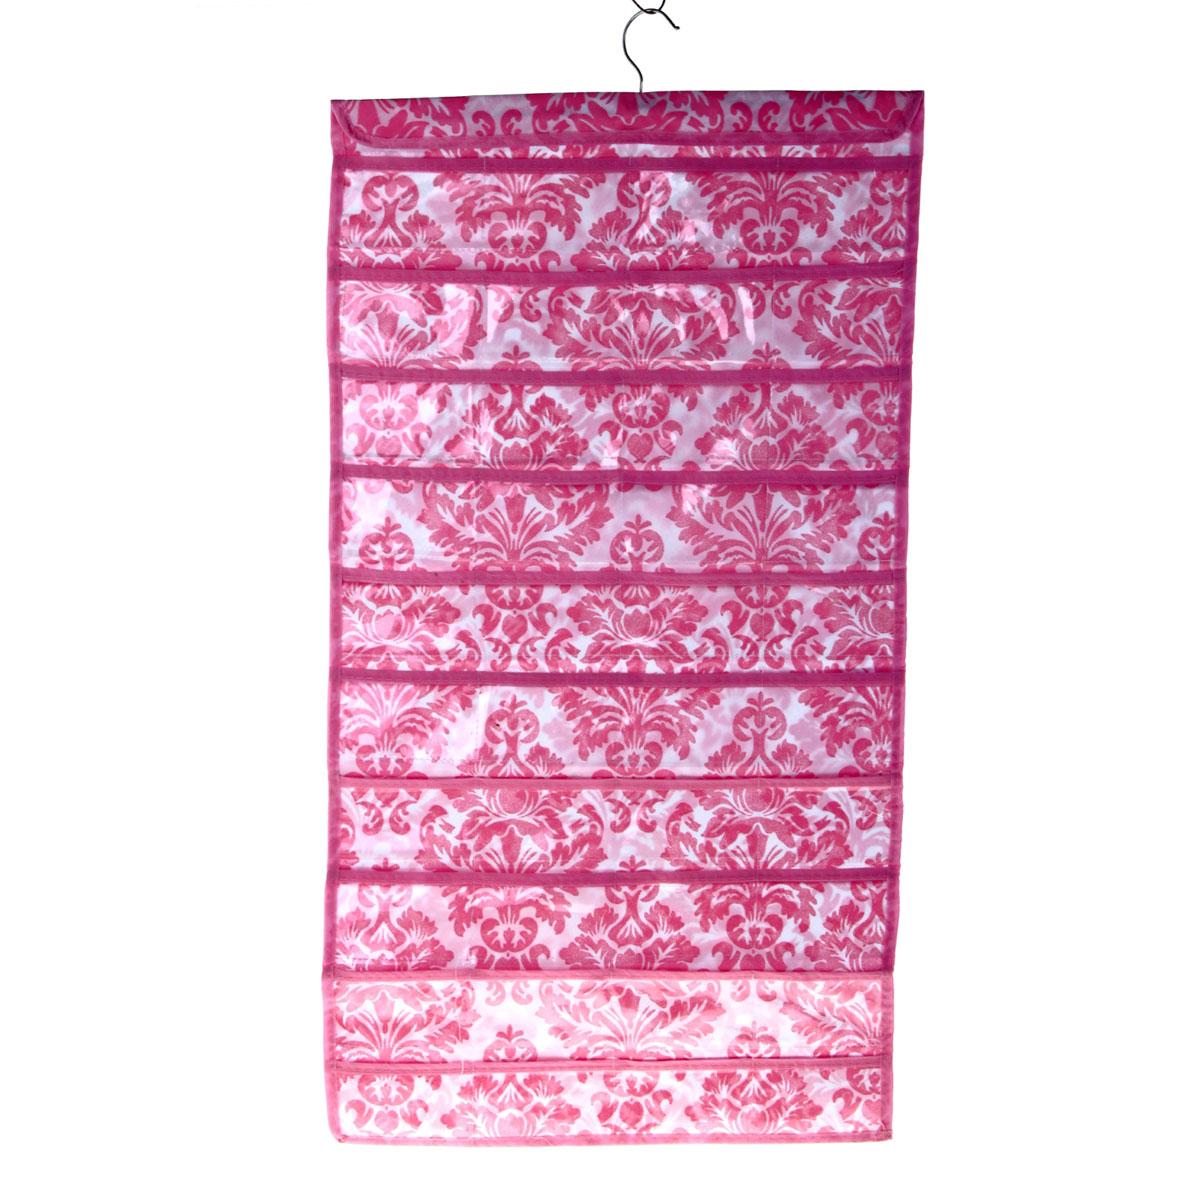 Органайзер для хранения вещей Sima-land с вешалкой, цвет: розовый, 80 отделений. 709827S03301004Органайзер Sima-land, изготовленный из ПВХ и текстиля, предназначен для хранения необходимых вещей, множества мелочей в гардеробной, ванной, детской комнатах. Изделие представляет собой текстильное полотно с 80 пришитыми кармашками. Благодаря металлической вешалке, органайзер можно подвесить на стену или дверь в необходимом для вас месте.Органайзер декорирован оригинальным цветочным орнаментом.Этот нужный предмет может стать одновременно и декоративным элементом комнаты. Яркий дизайн, как ничто иное, способен оживить интерьер вашего дома.Размер отделений: 11 см х 6 см.